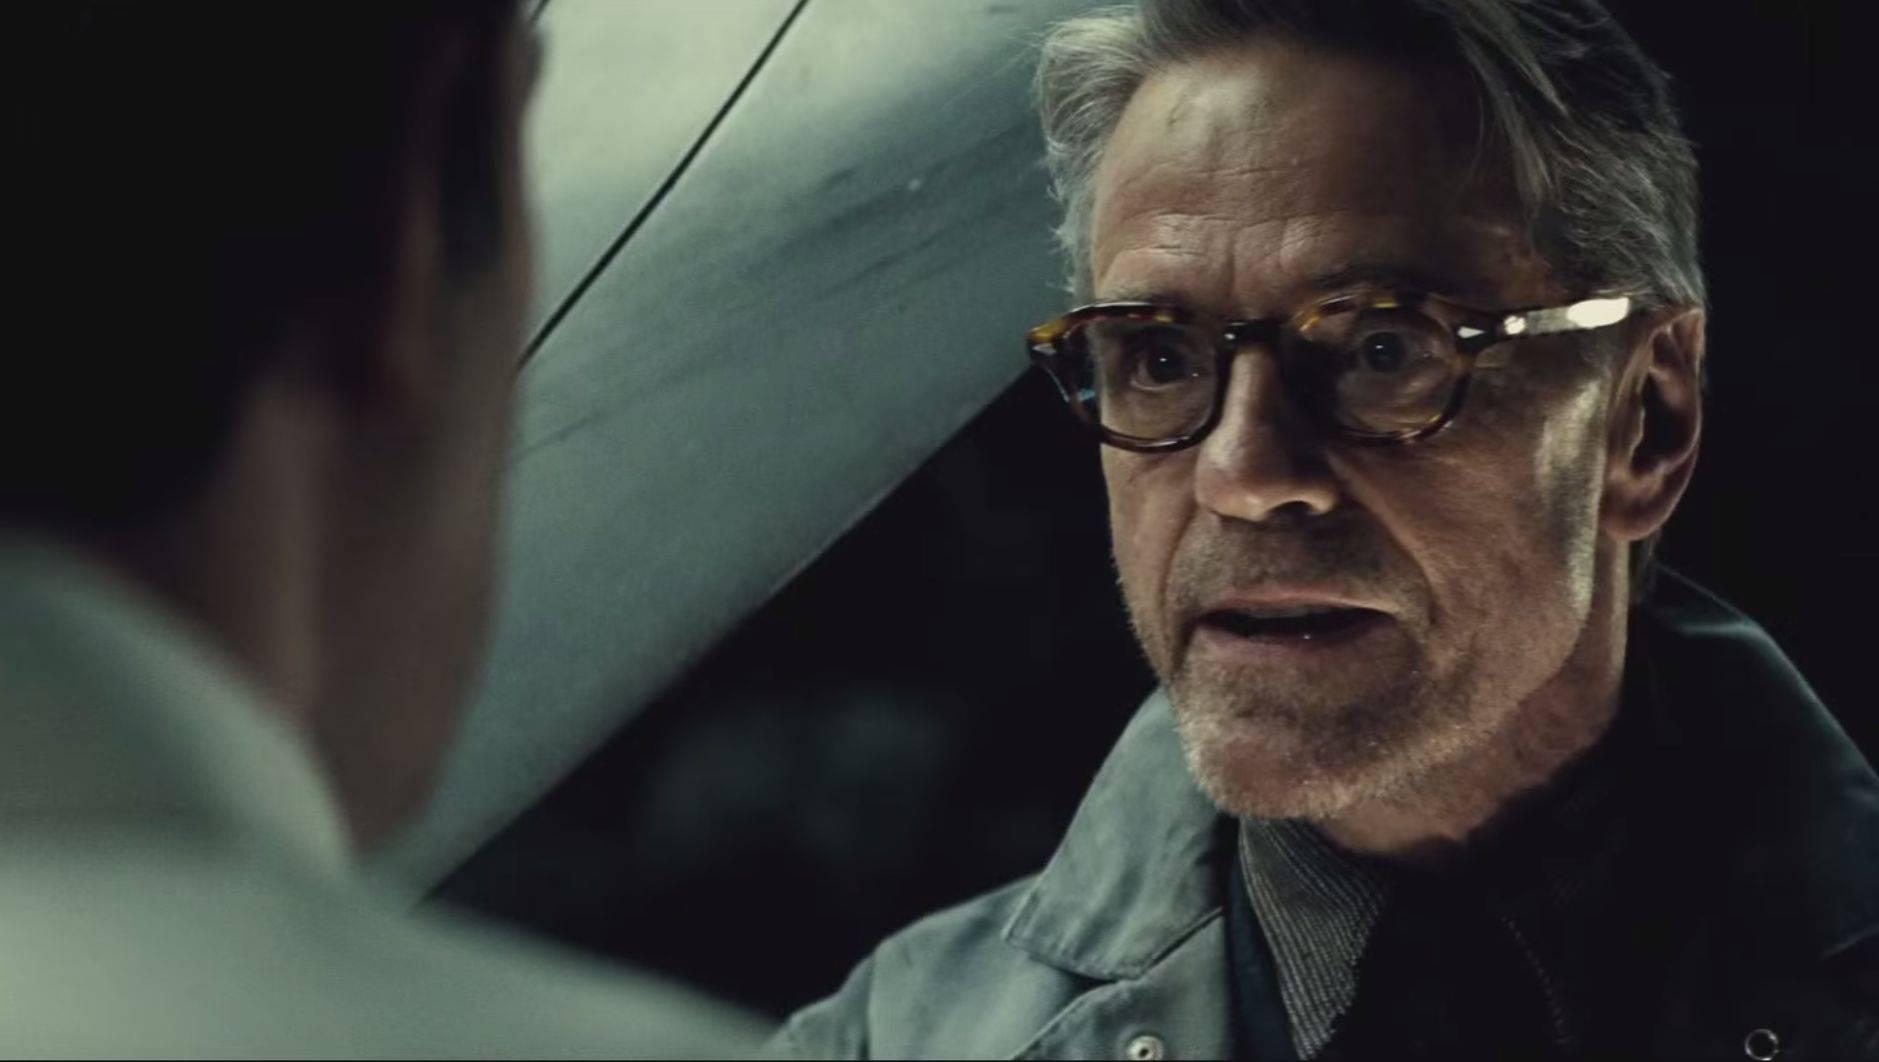 Джереми Айронс получил одну из главных ролей в сериале «Хранители» от HBO